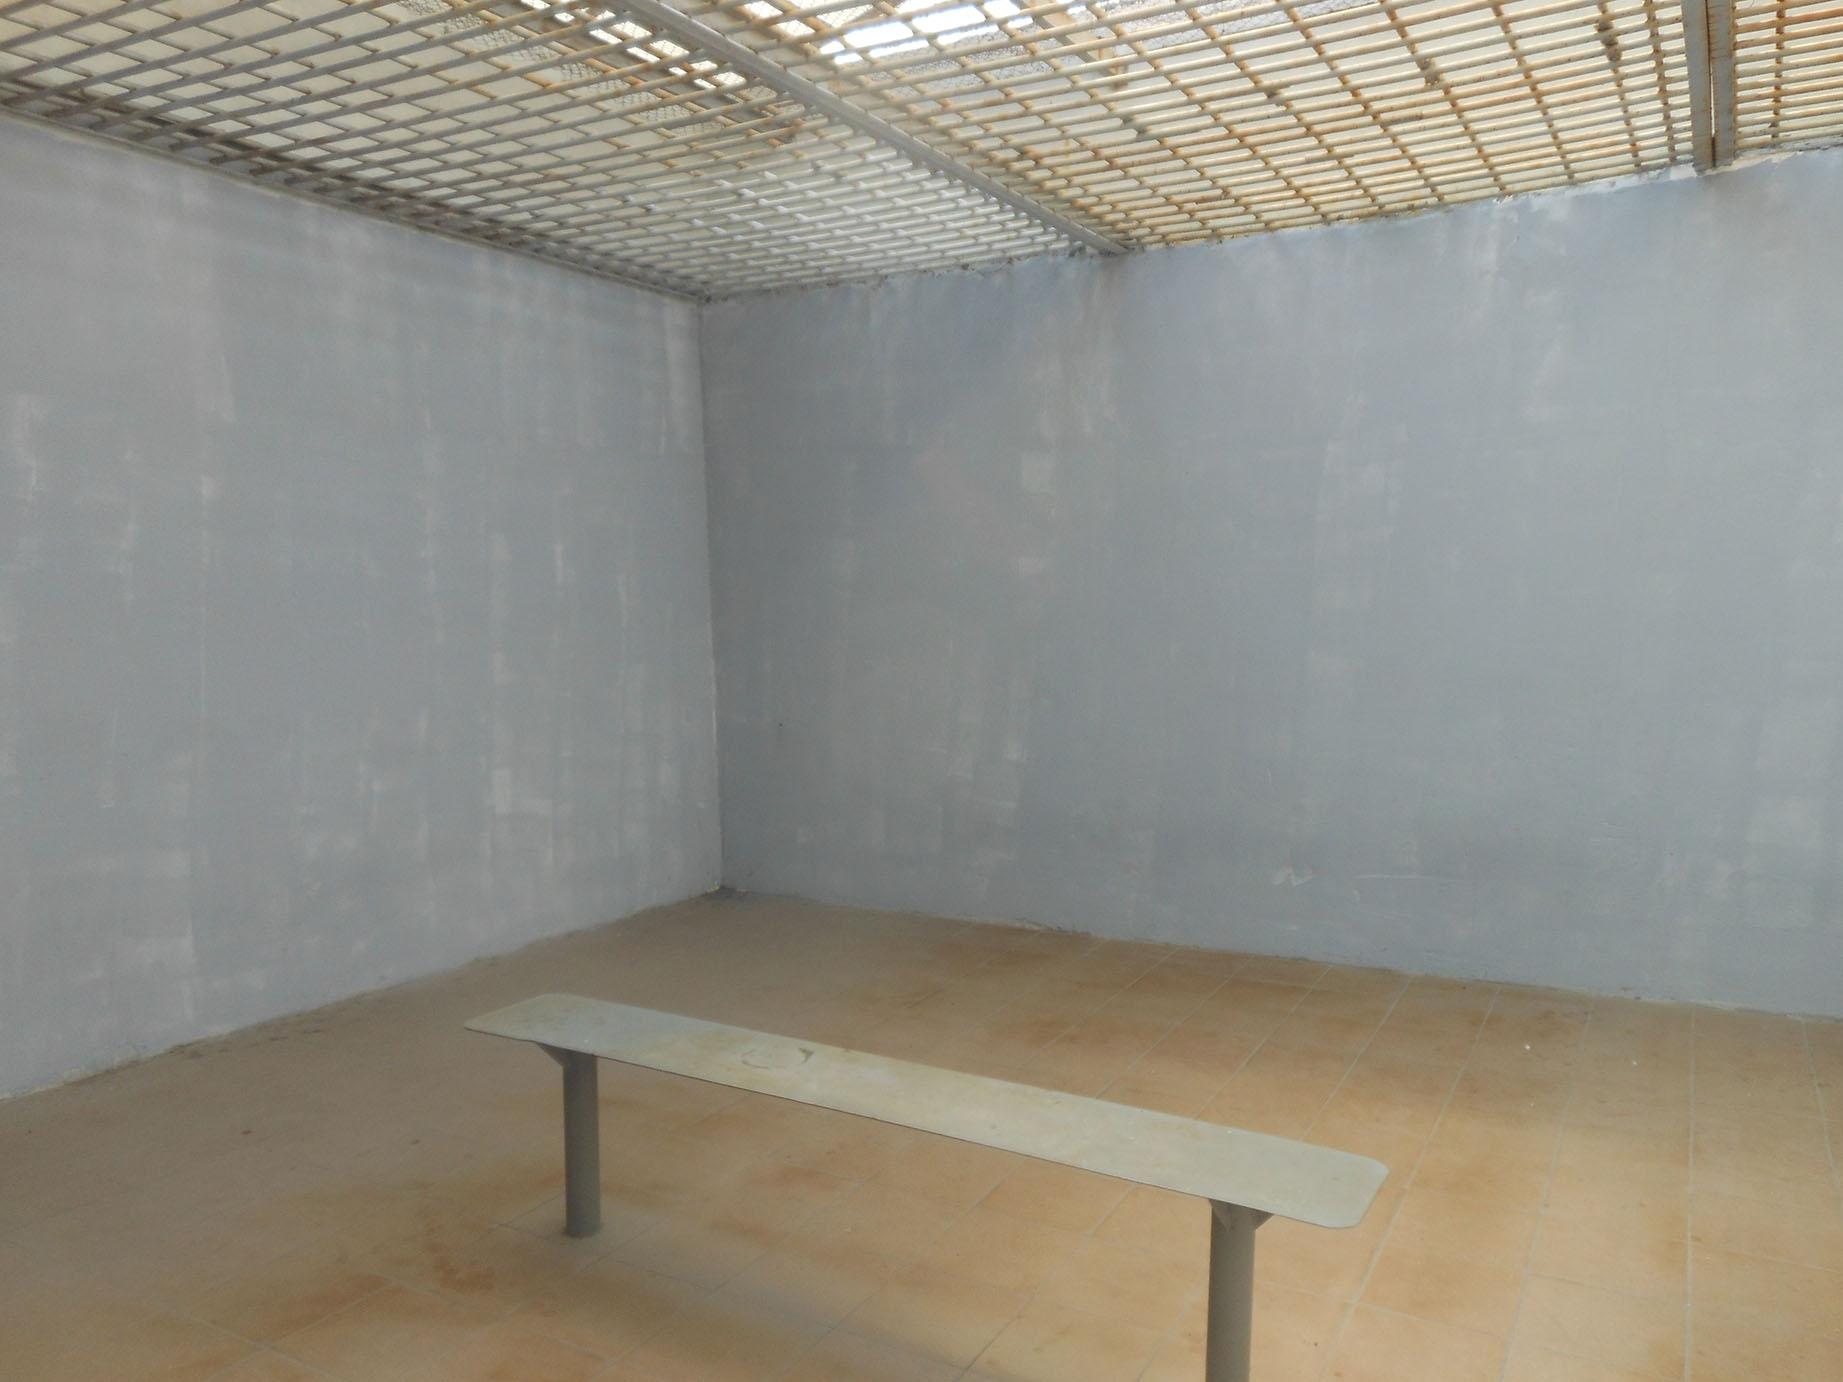 Ізолятор тимчасового тримання Голопристанського районного відділу Управління МВС